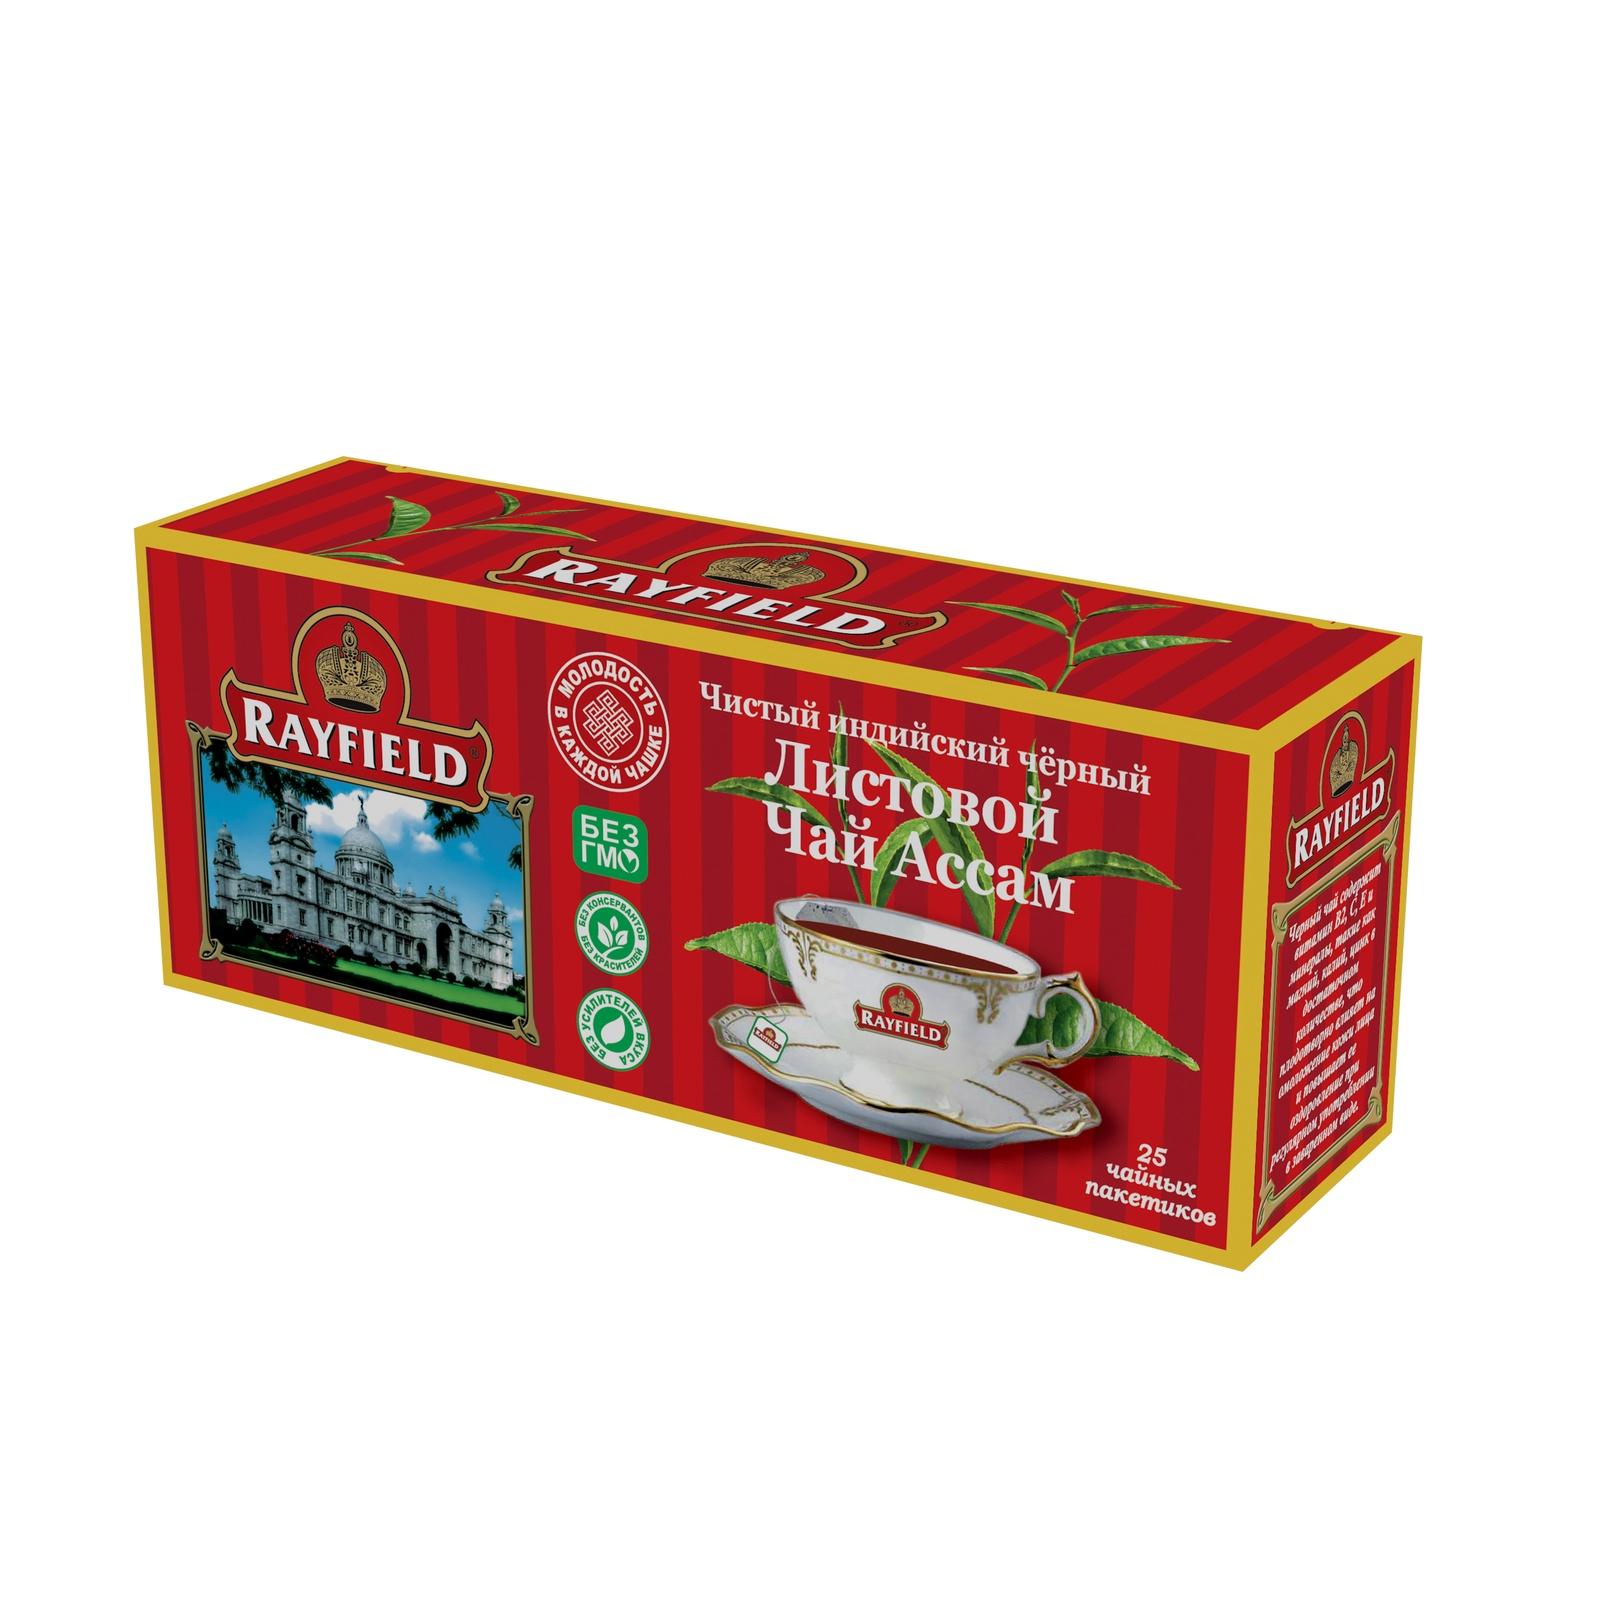 RAYFIELD Листовой Черный Чай Ассам Чистый Индийский 25 пакетиков 50 г